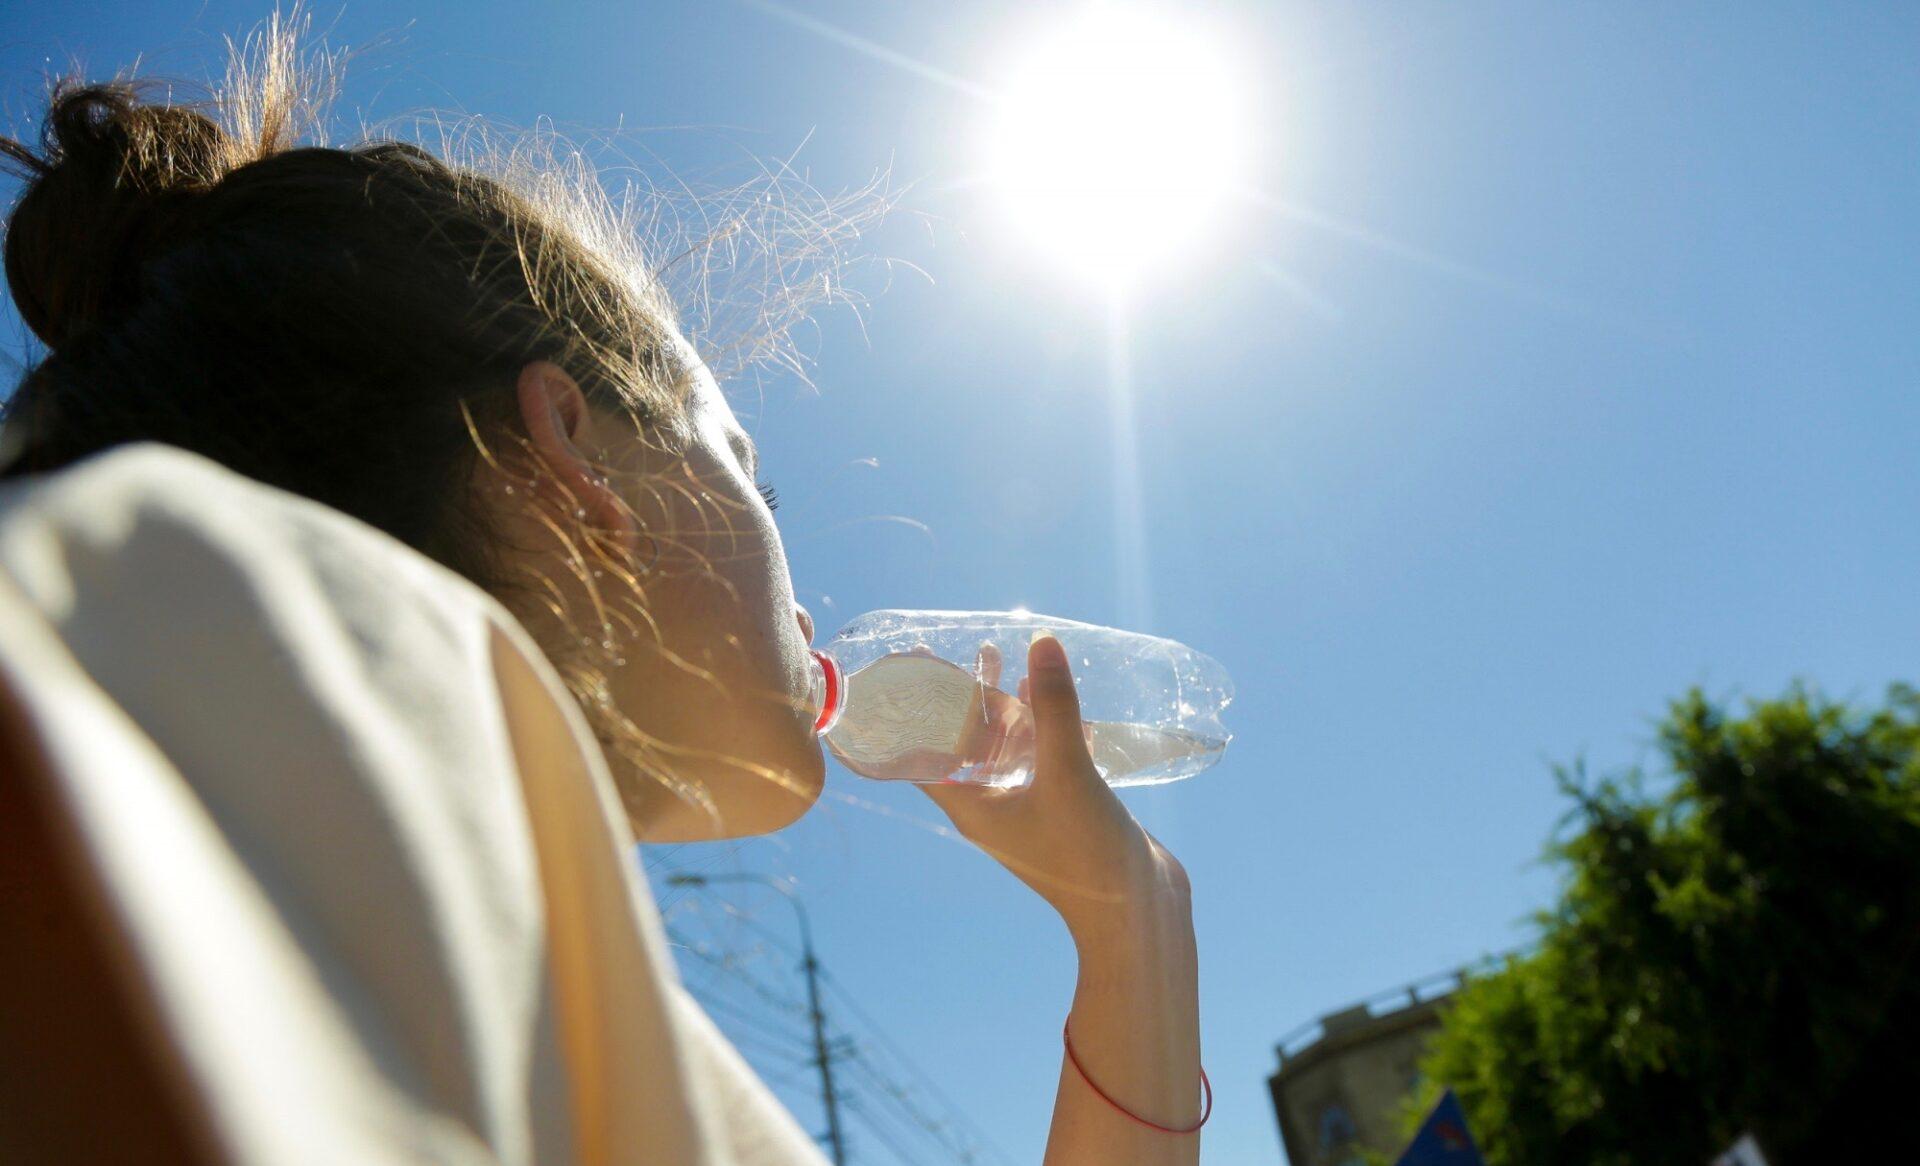 Метеорологи предупредили жителей Марий Эл об аномальной жаре